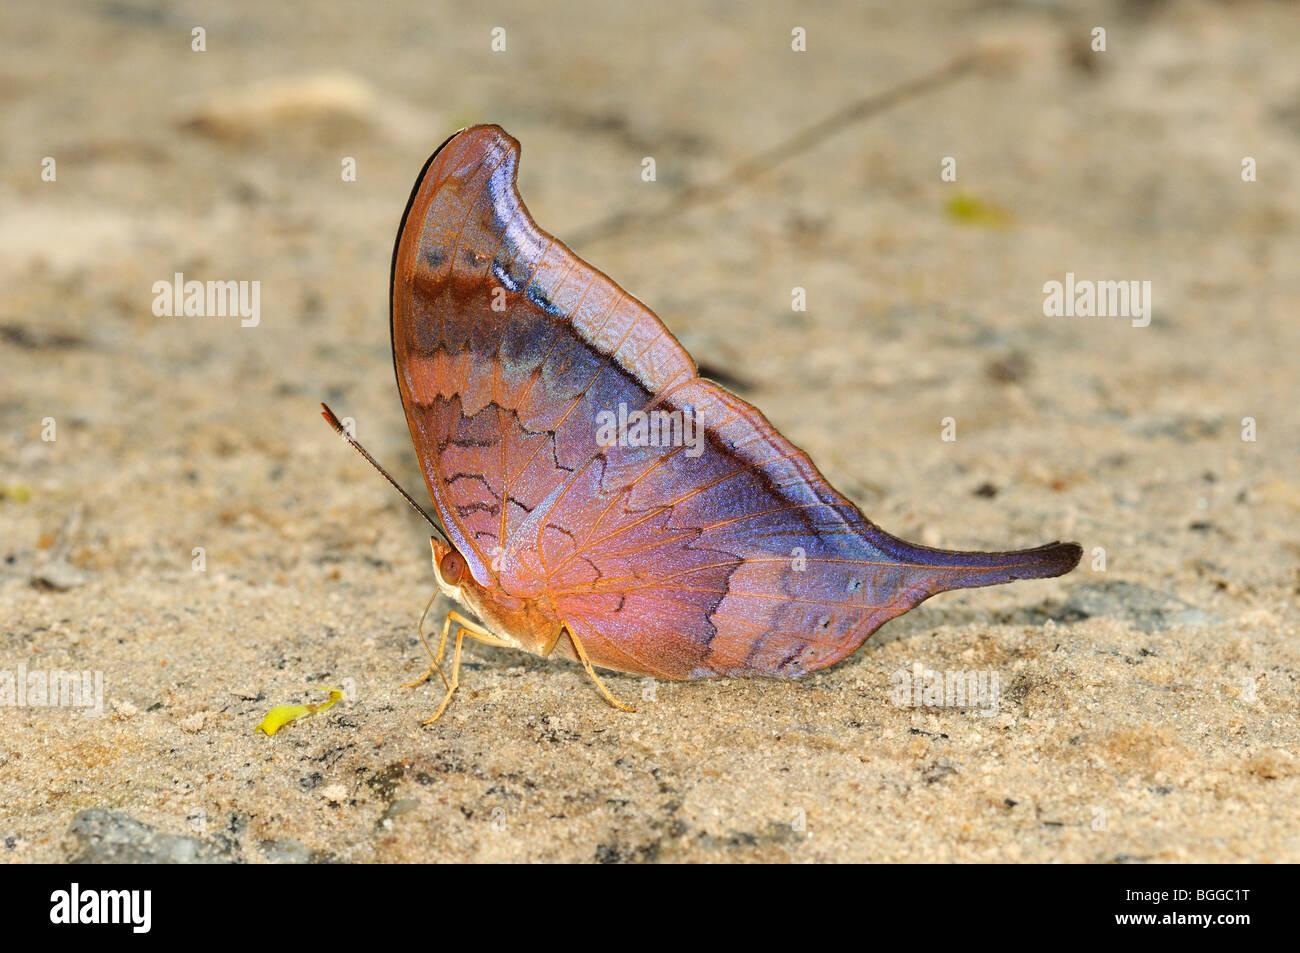 Tutelina Daggerwing Butterfly (Marpesia tutelina) on ground feeding on minerals, Alta Floresta, Brazil. - Stock Image